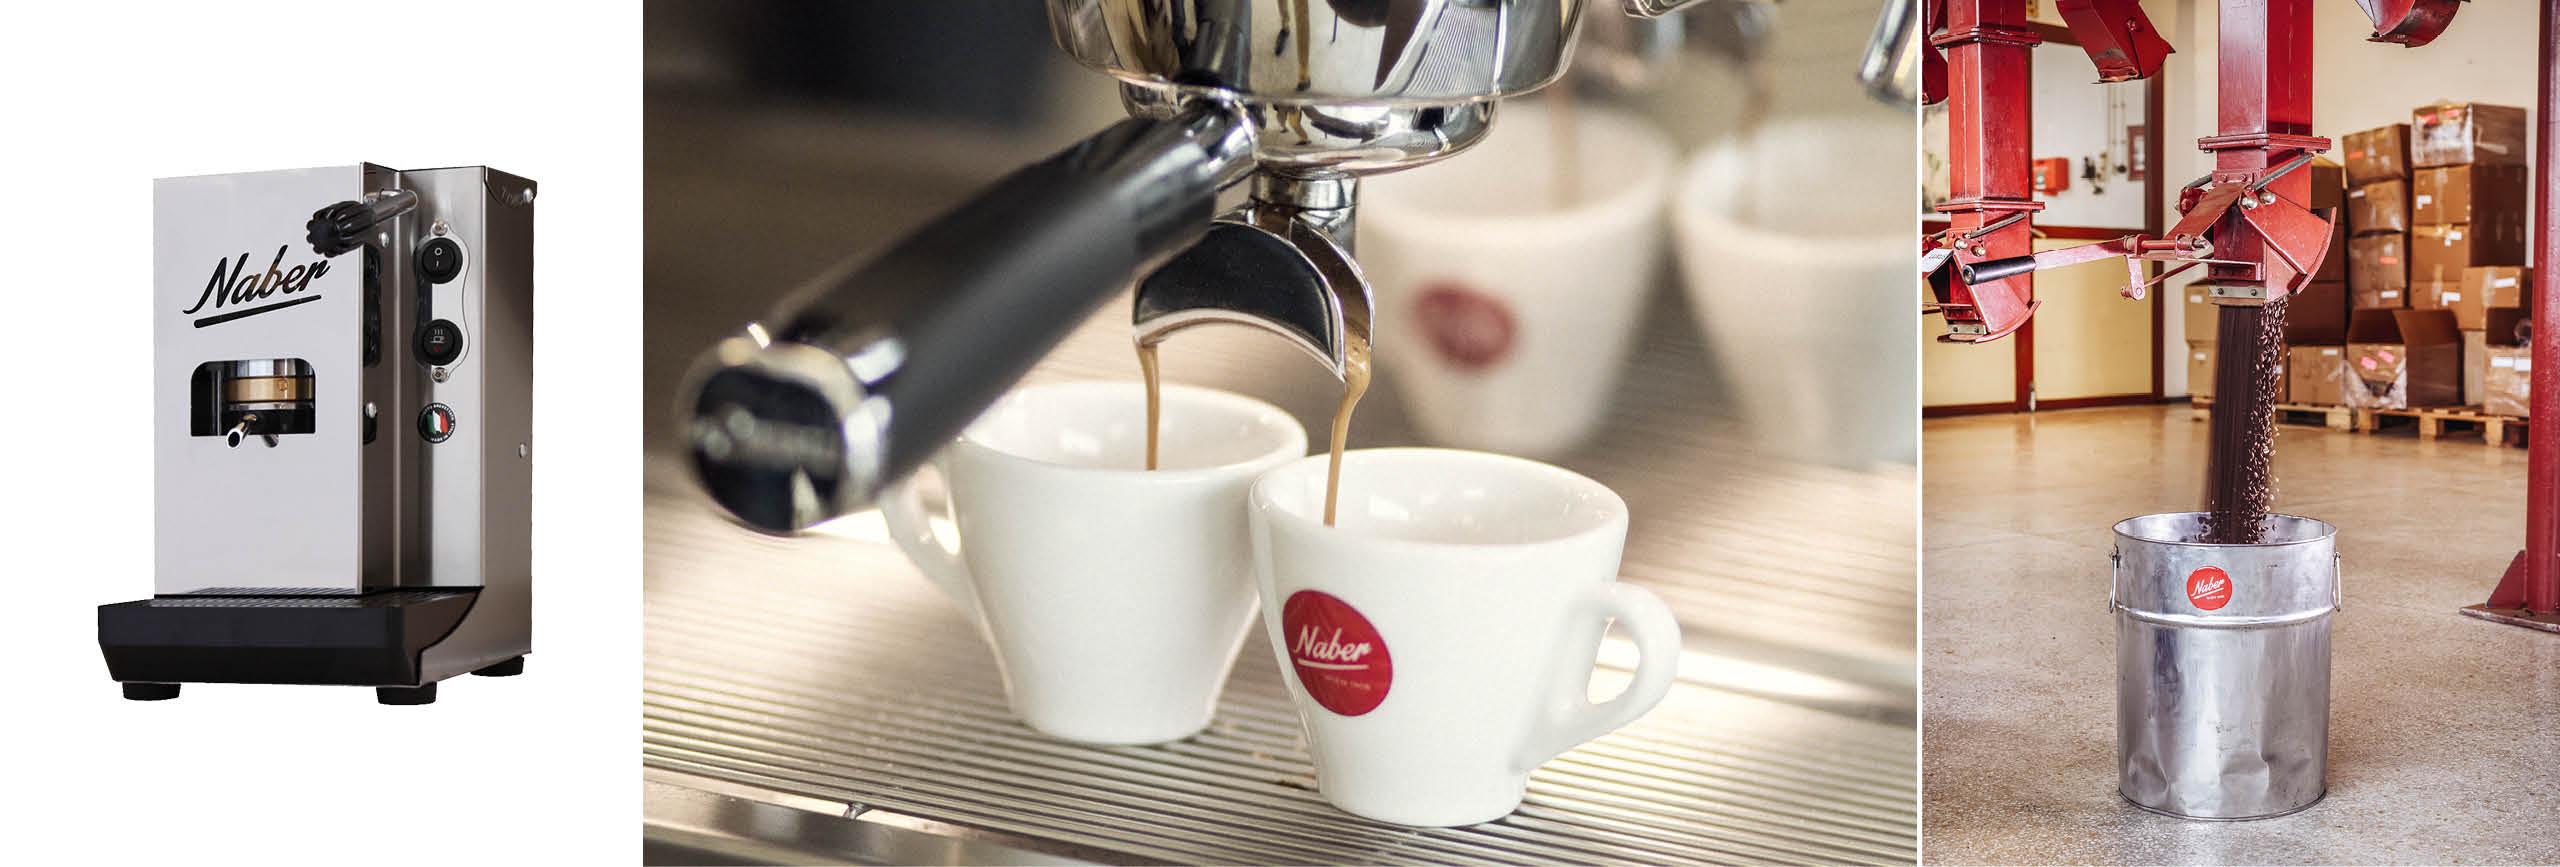 Kaffeemaschine und Pads von Naber